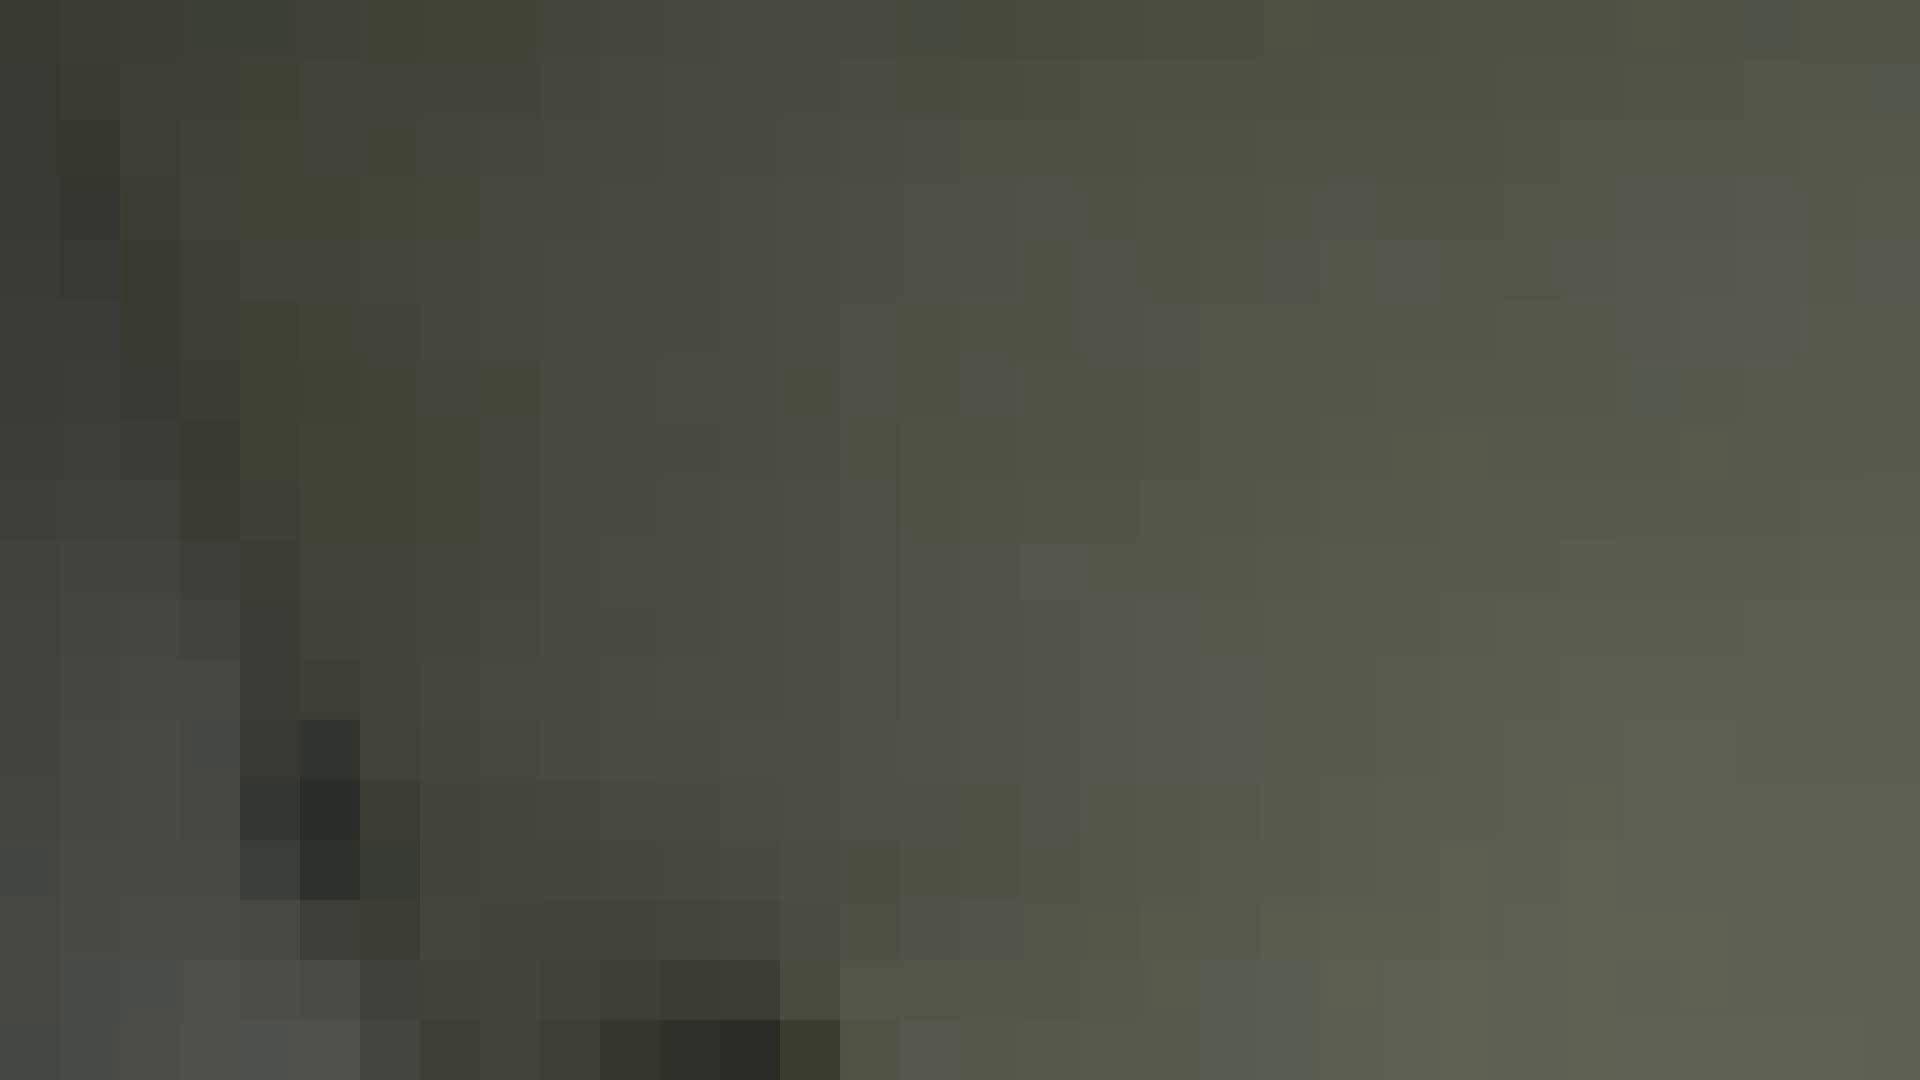 洗面所特攻隊vol.011 高評価 スケベ動画紹介 94画像 92